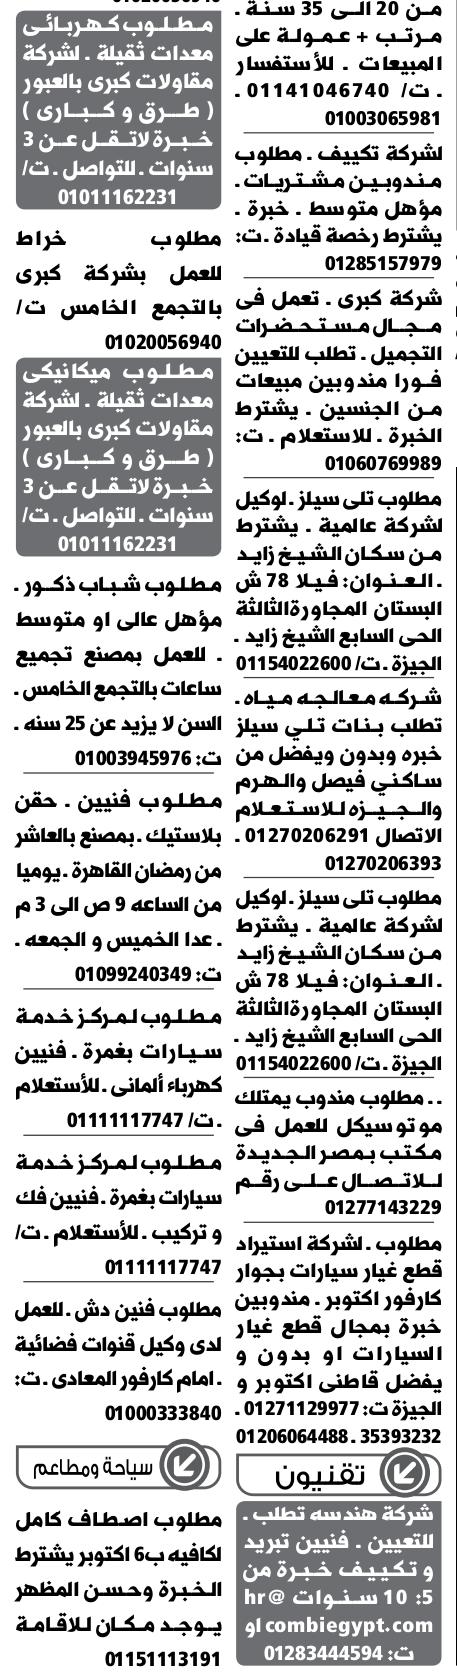 اعلانات وظائف الوسيط pdf الجمعة 17/7/2020 9